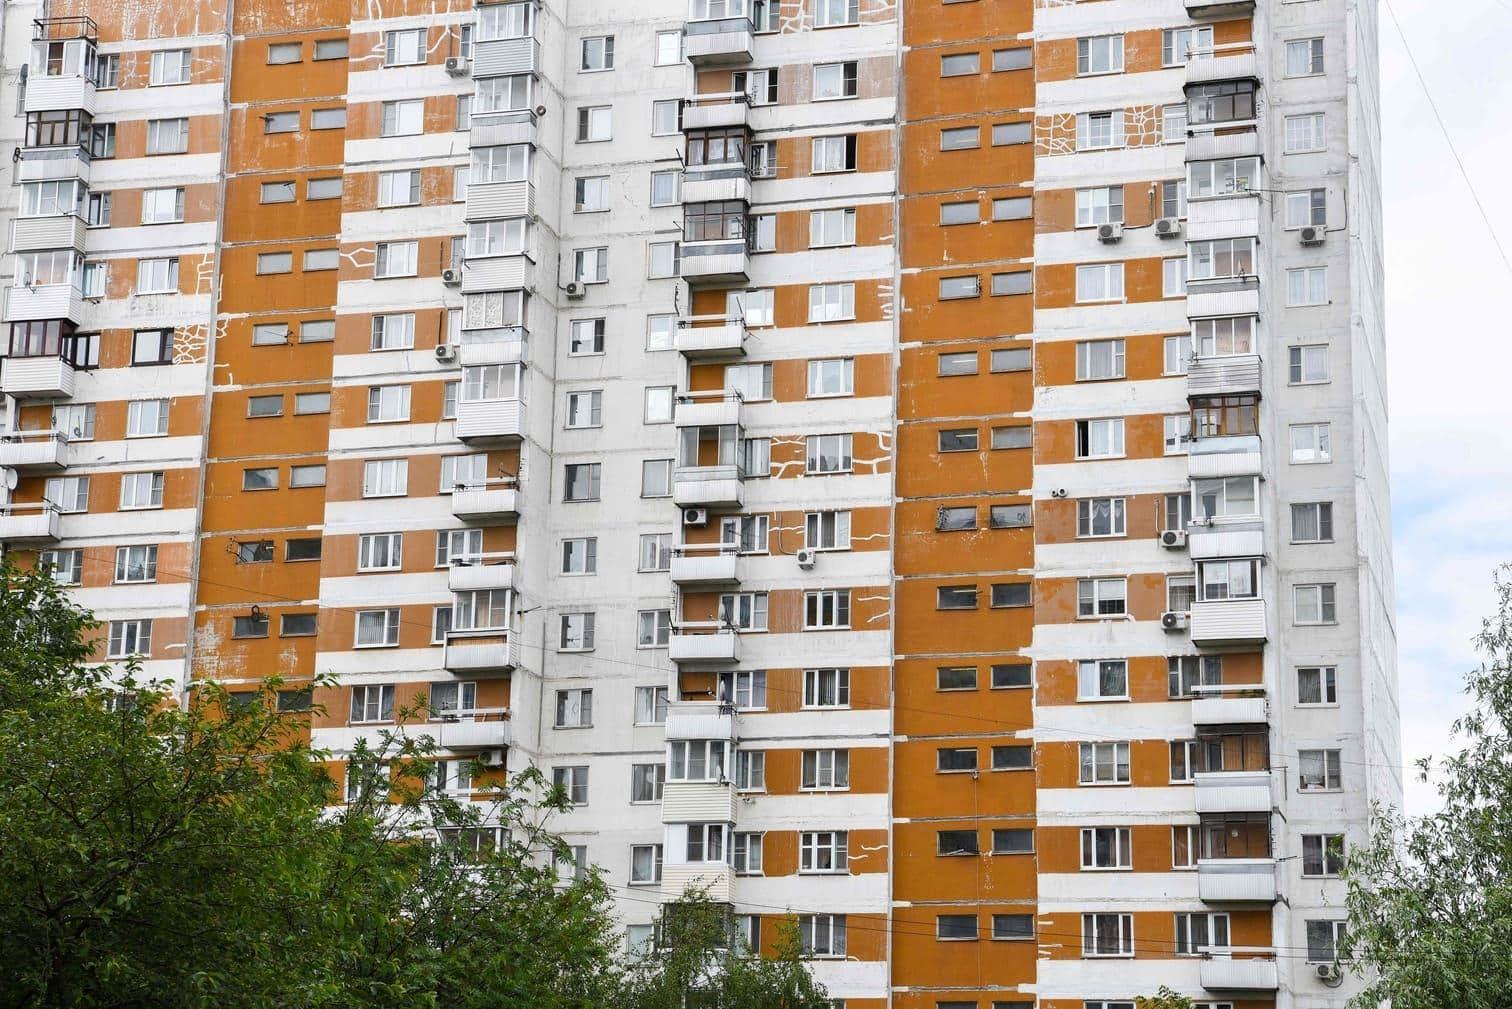 <p>Die Unterkunft ist rund 35 Kilometer vom Stadtkern Moskaus entfernt. Das Trainingsgelände von ZSKA Moskau